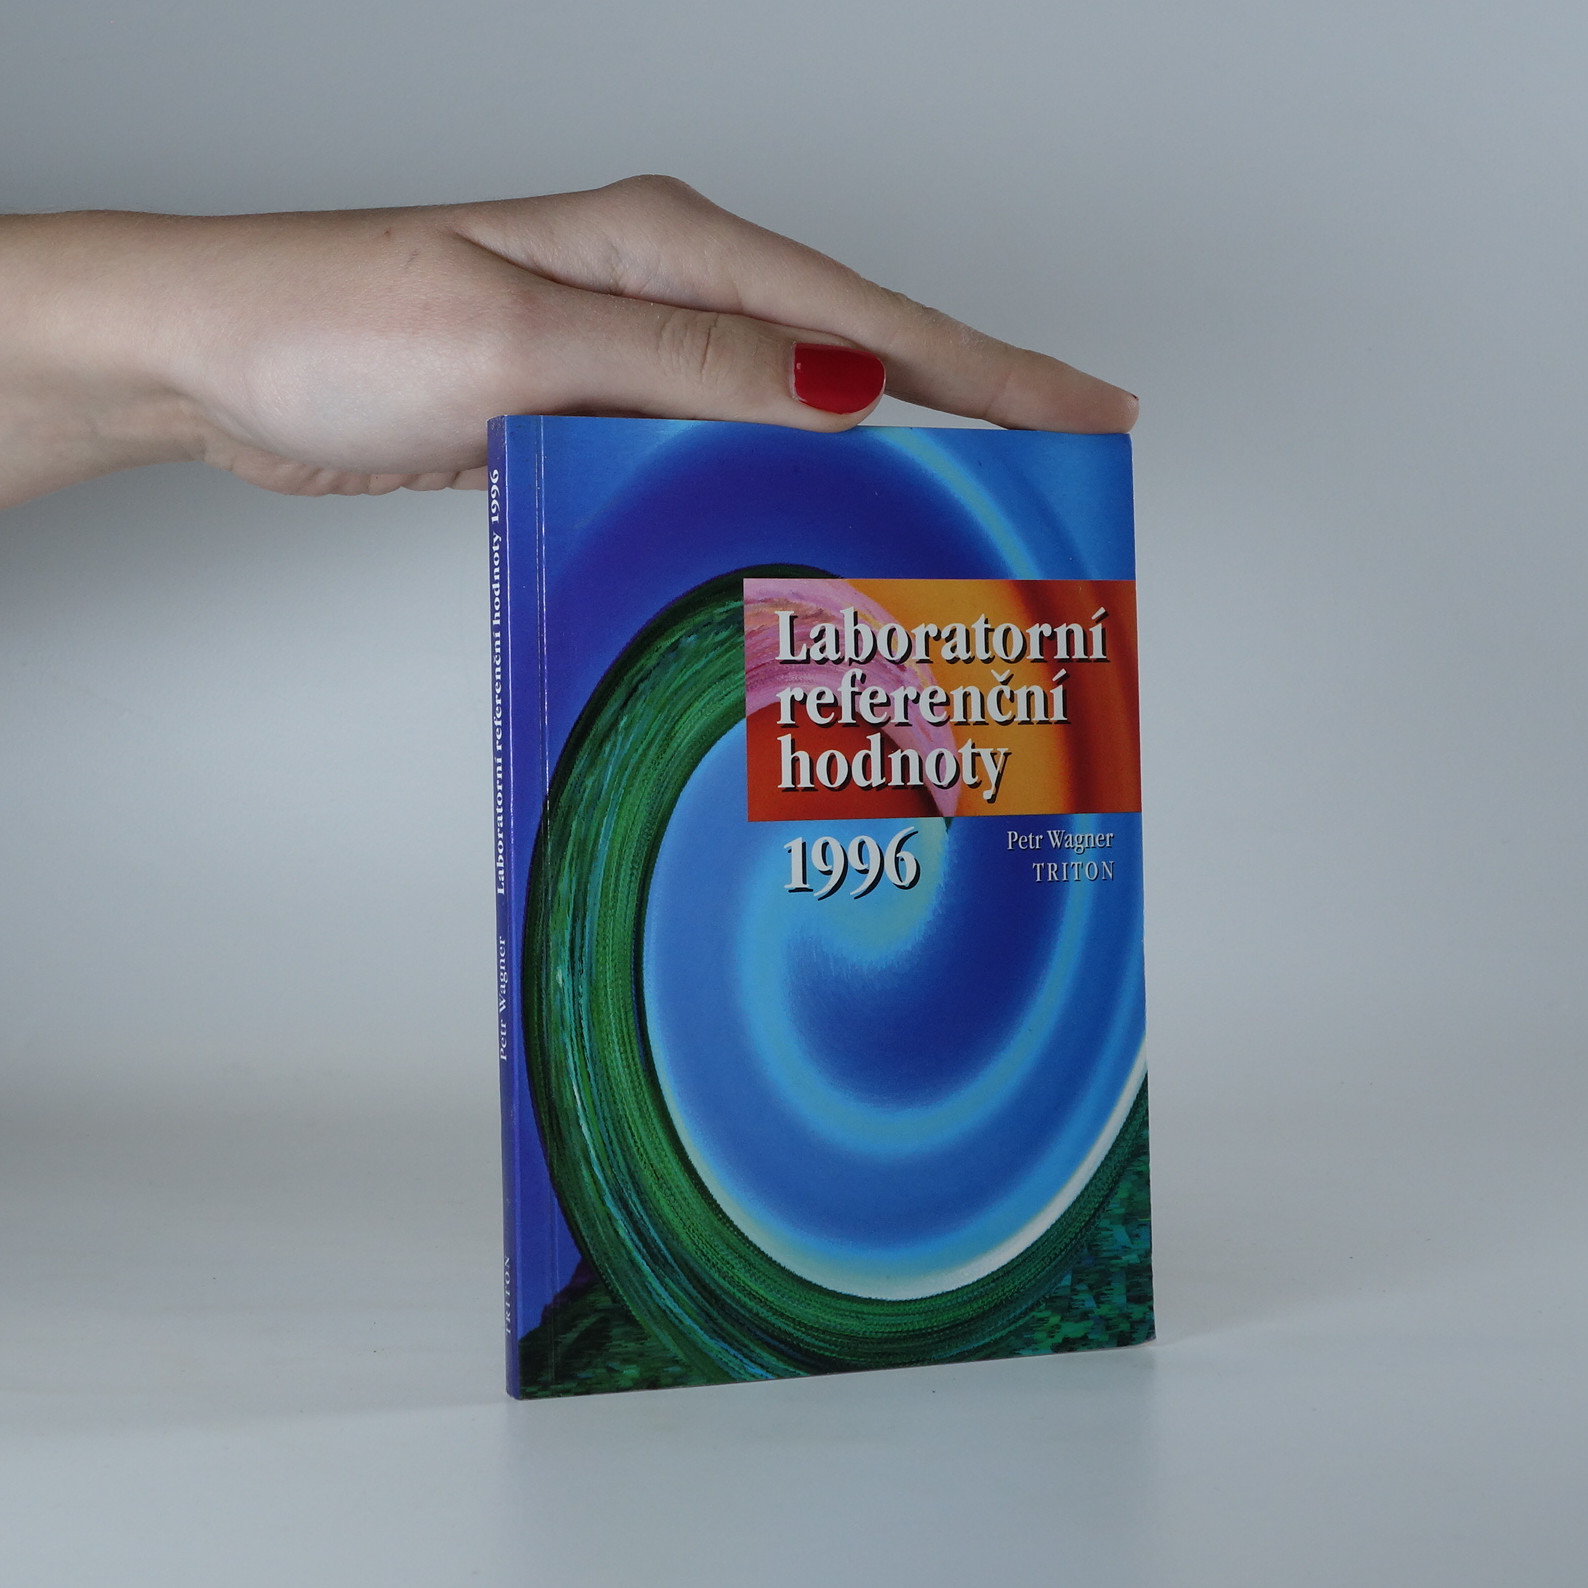 antikvární kniha Laboratorní referenční hodnoty 1996, 1996